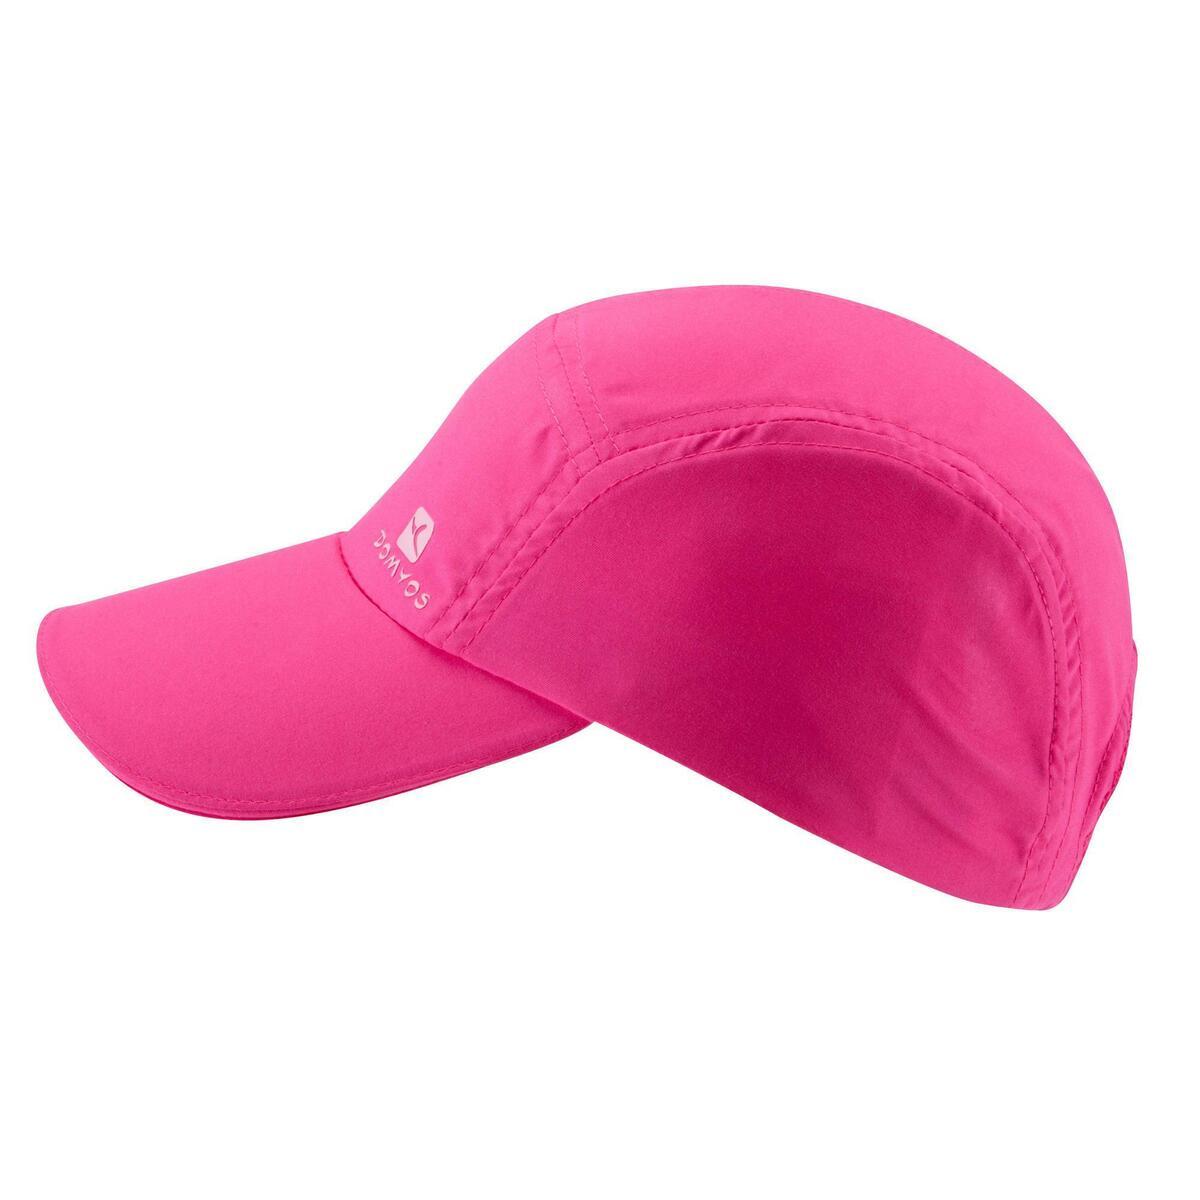 Bild 5 von Cap Fitness Erwachsene rosa